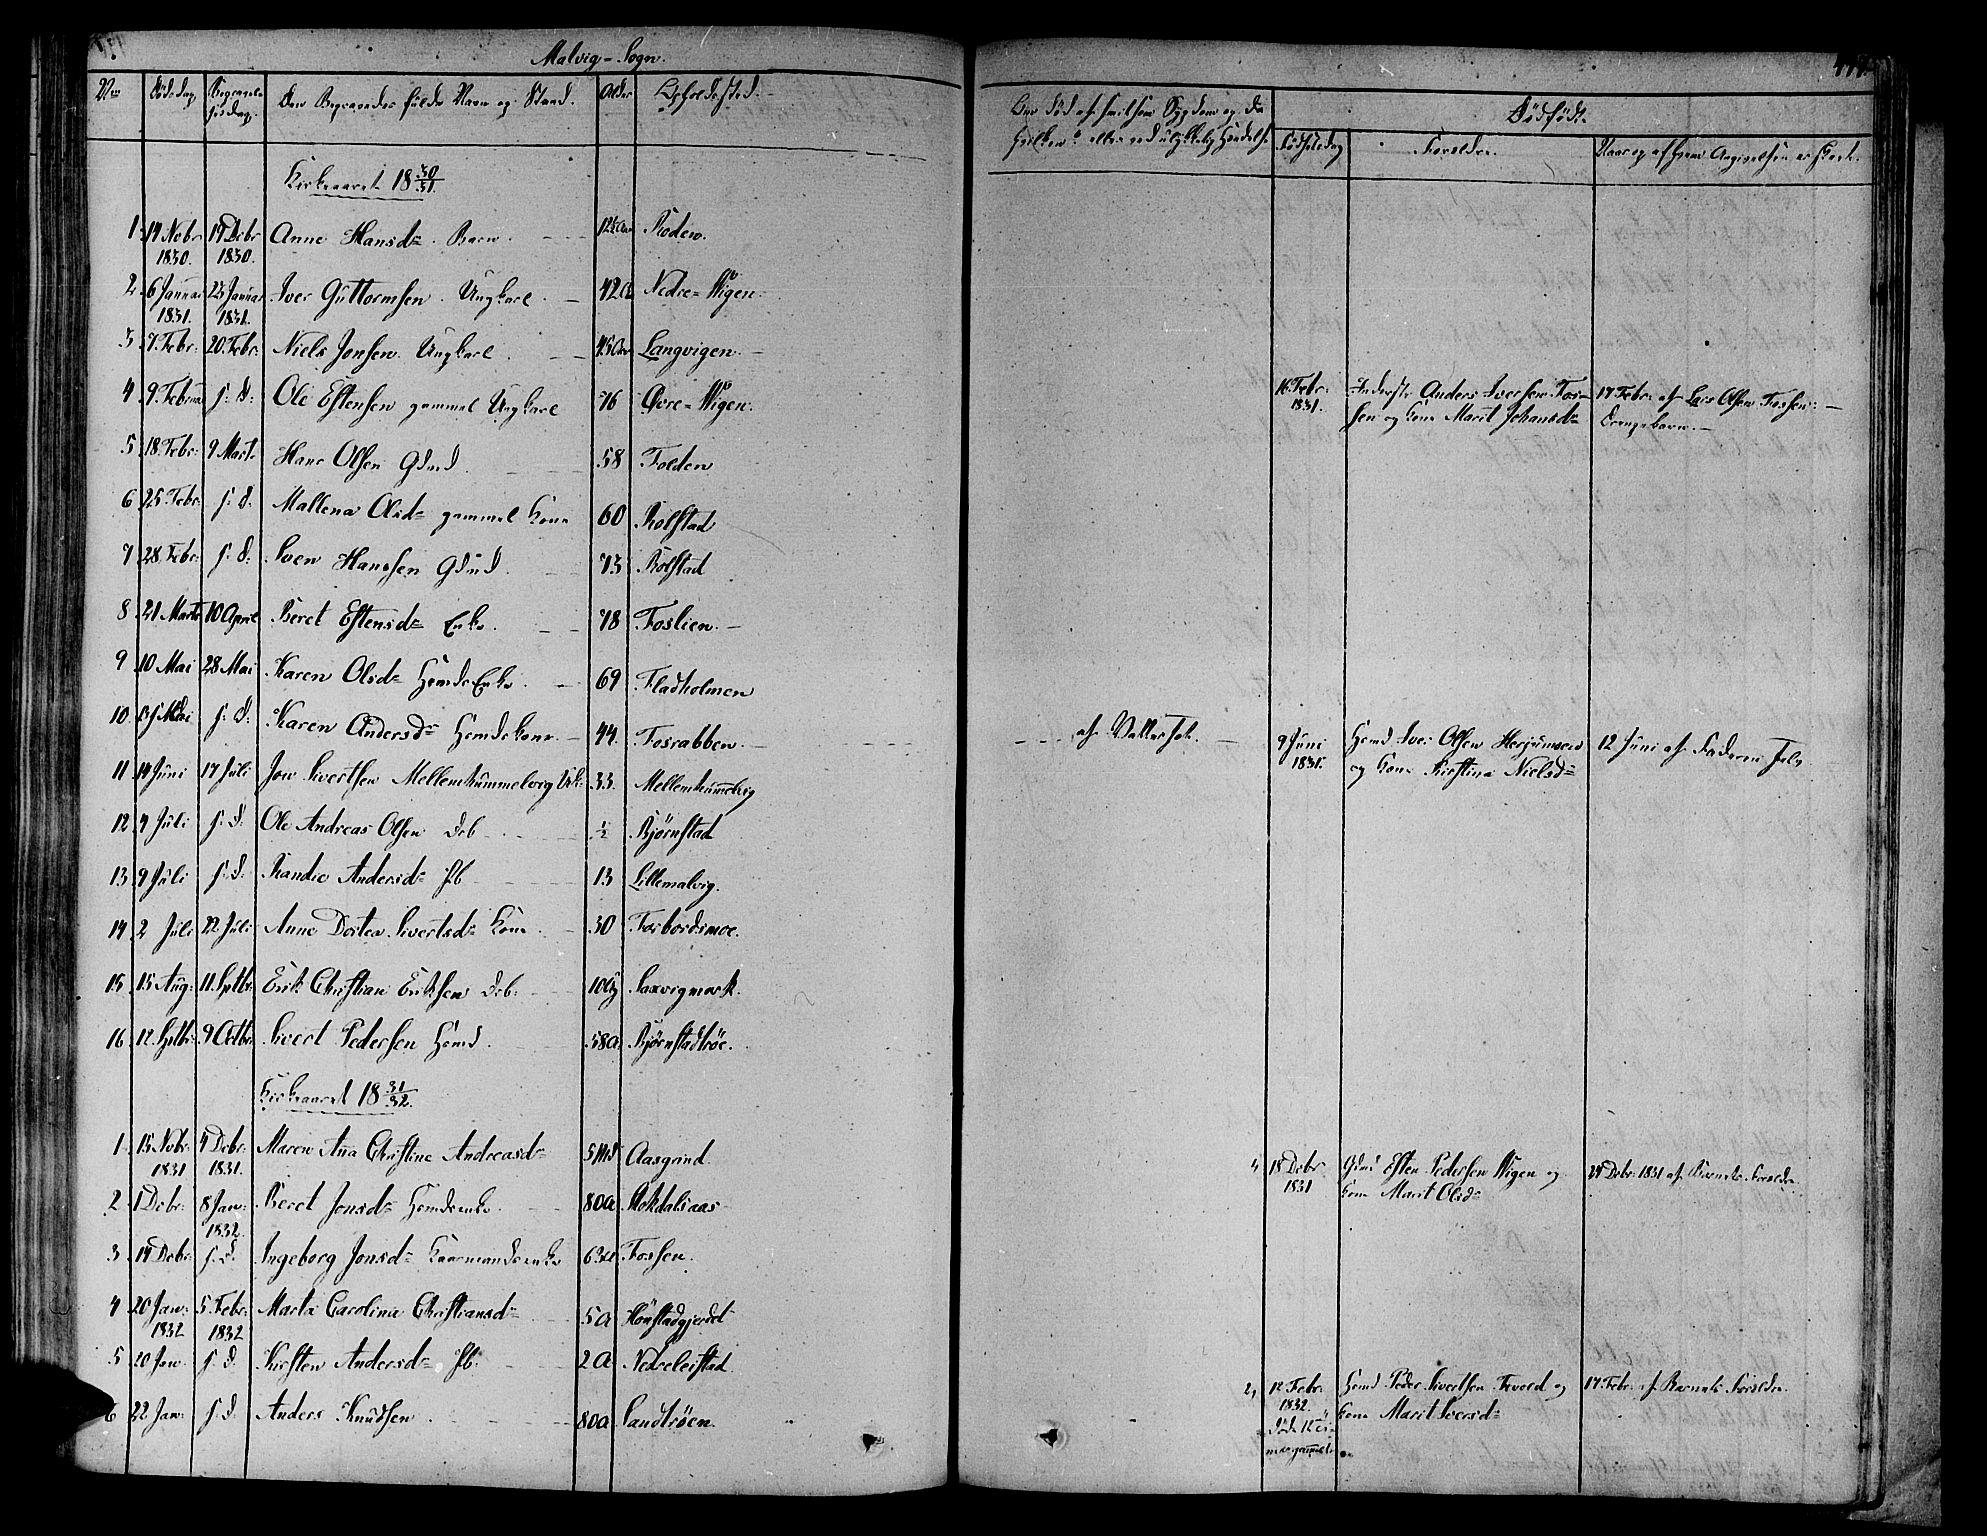 SAT, Ministerialprotokoller, klokkerbøker og fødselsregistre - Sør-Trøndelag, 606/L0288: Ministerialbok nr. 606A04 /3, 1826-1840, s. 497